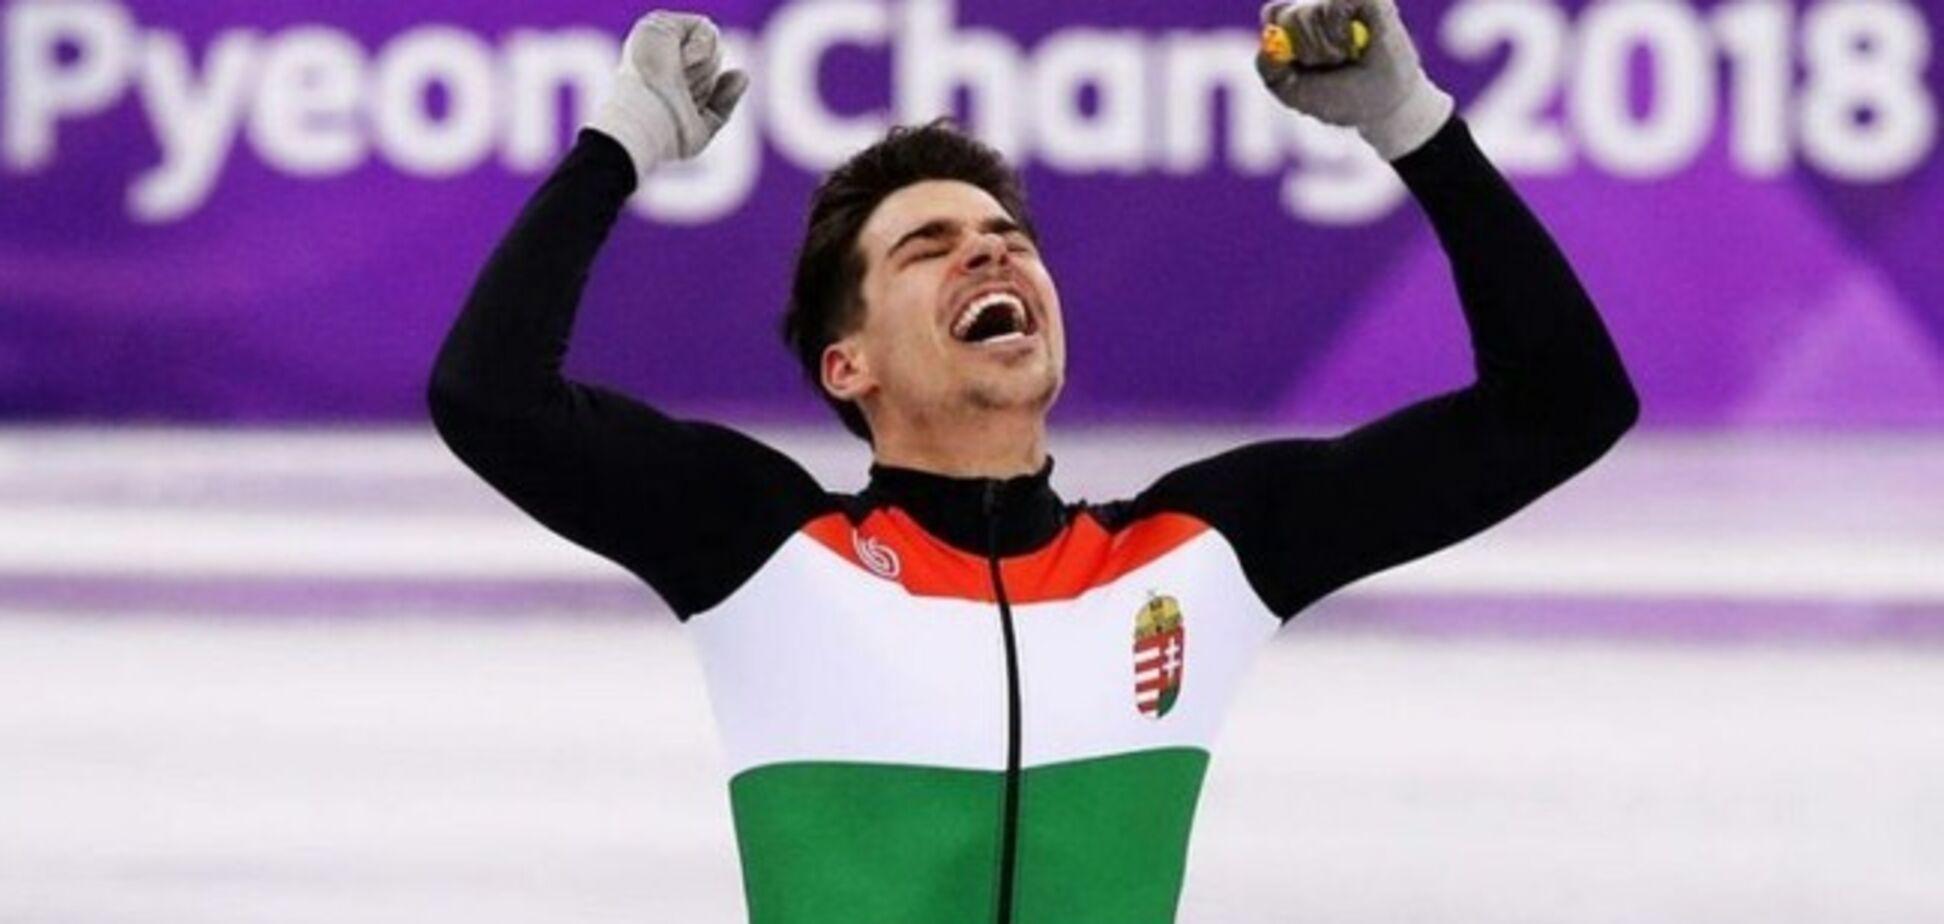 Скандал в аэропорту: олимпийский чемпион отстранен после поездки в Китай